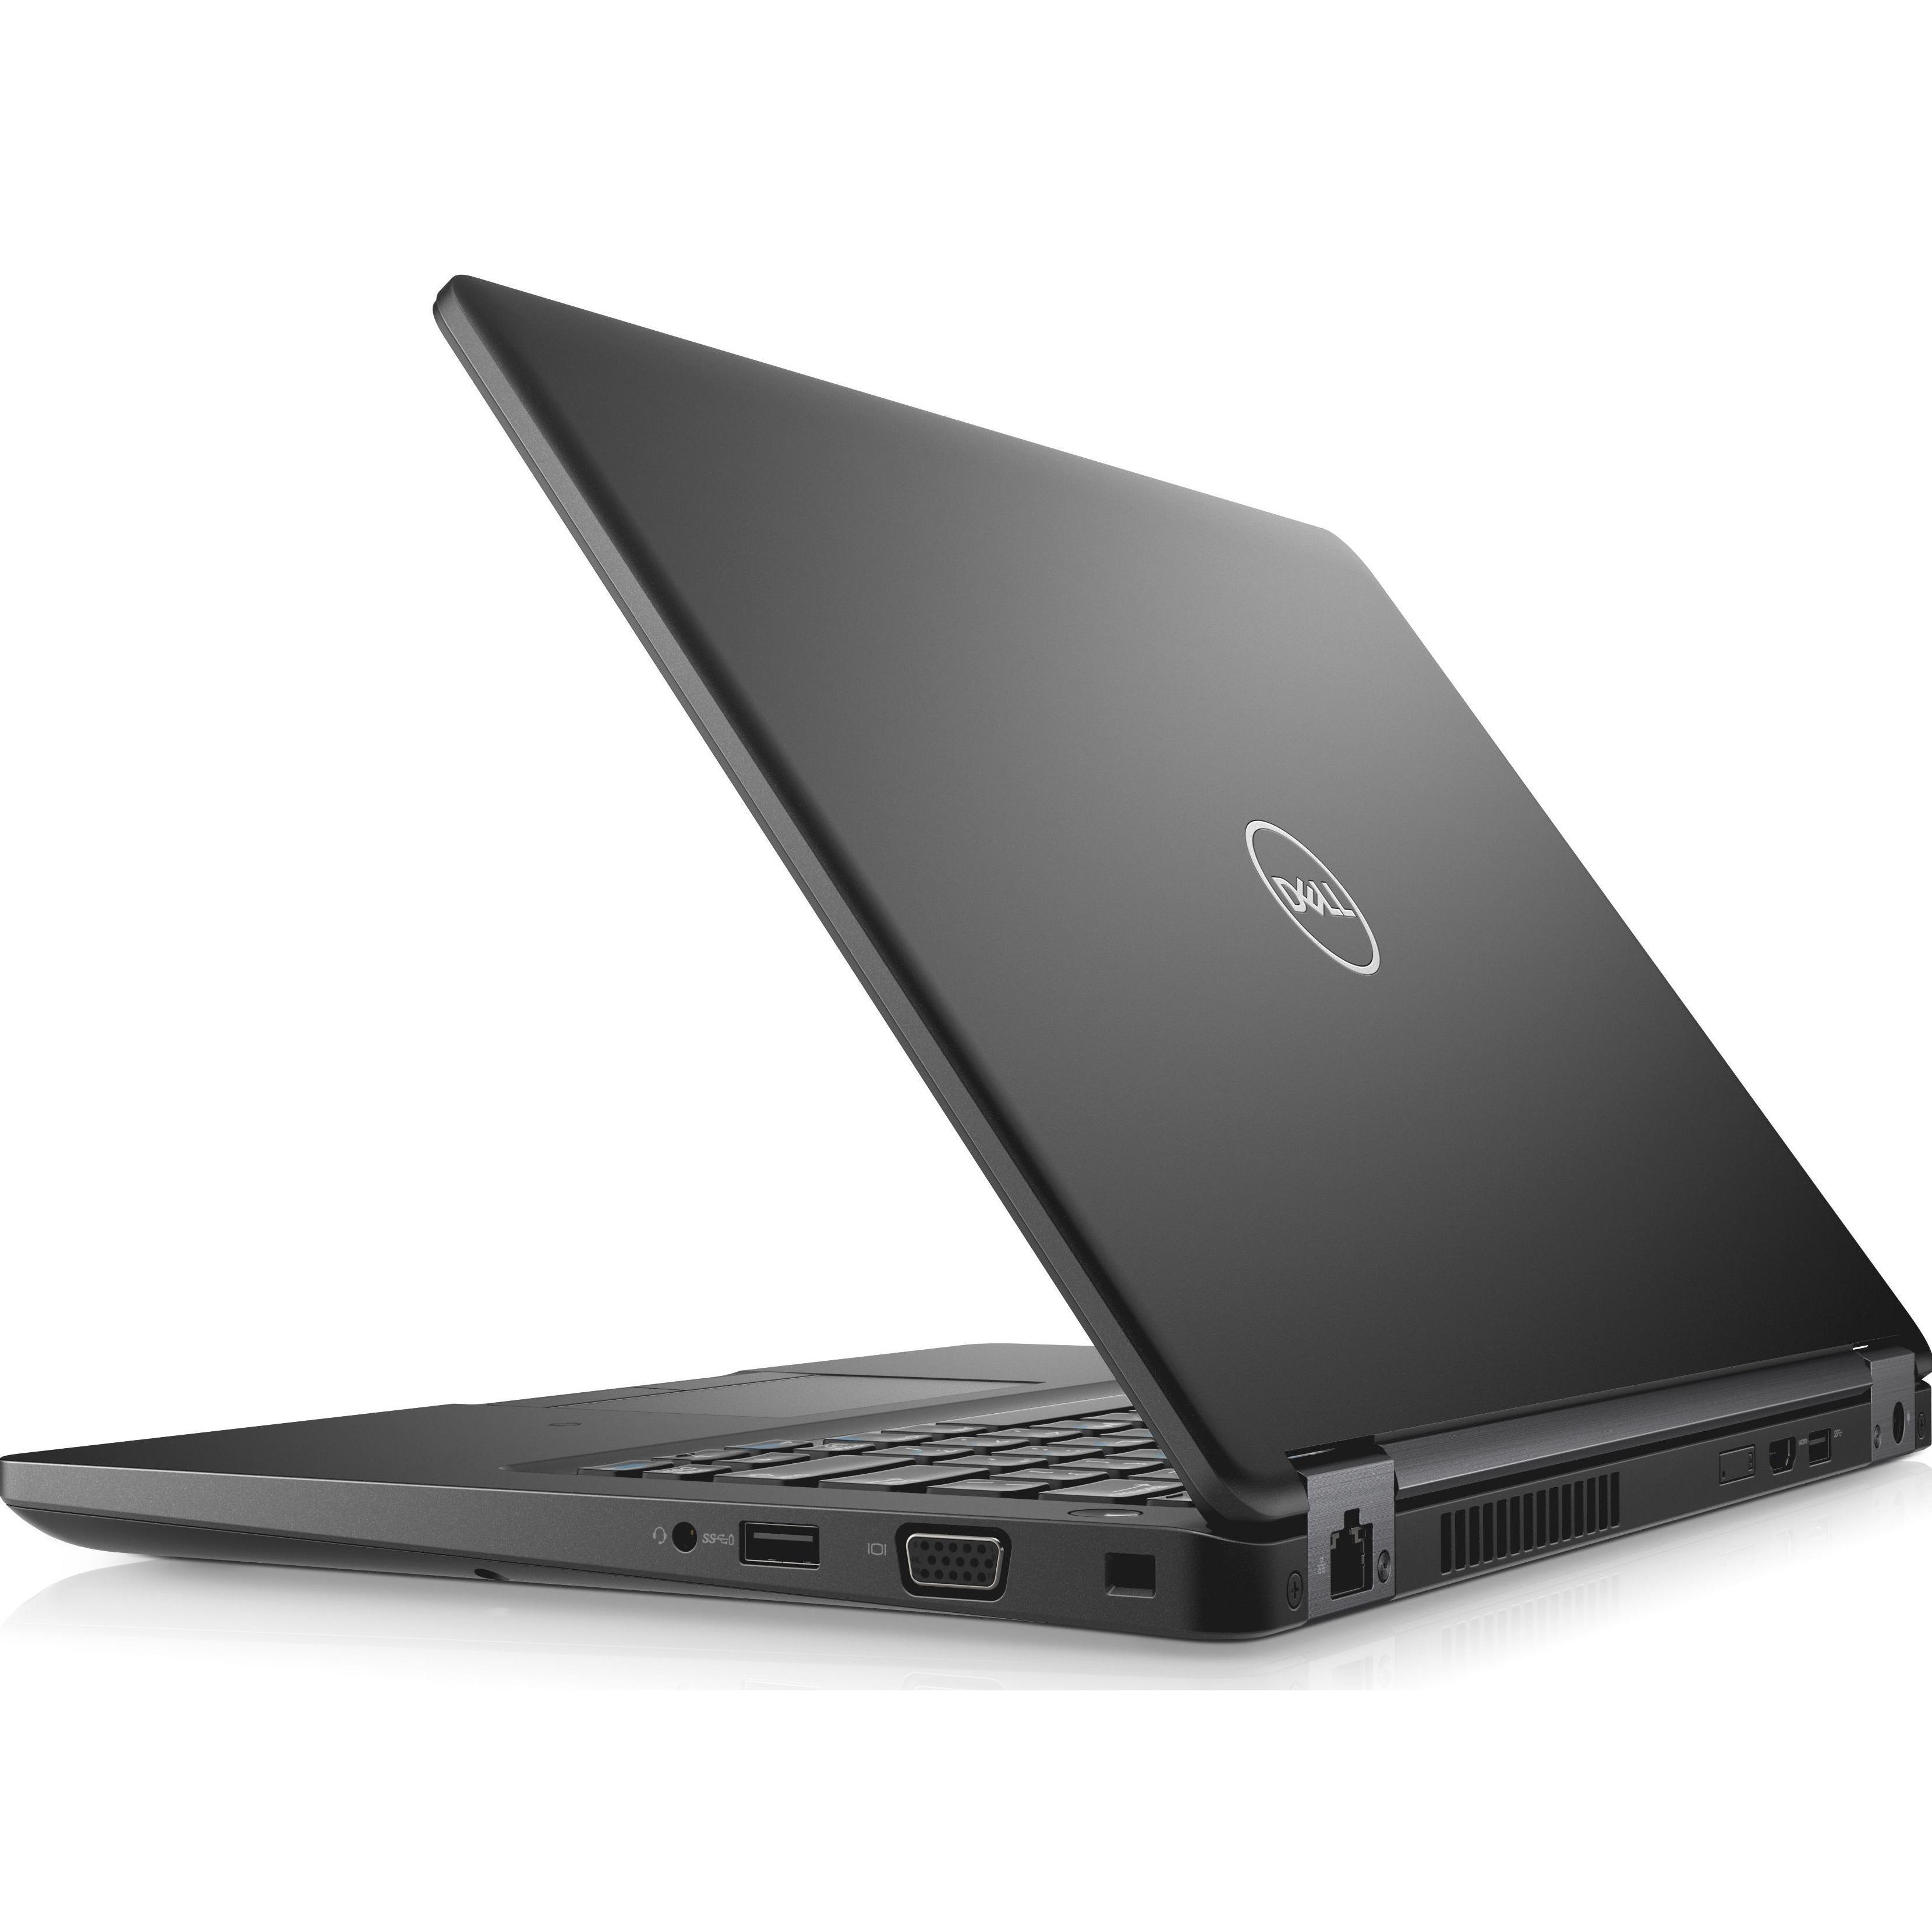 Dell Latitude 5490 14-inch (2018) - Core i5-8250U - 8 GB  - SSD 128 GB